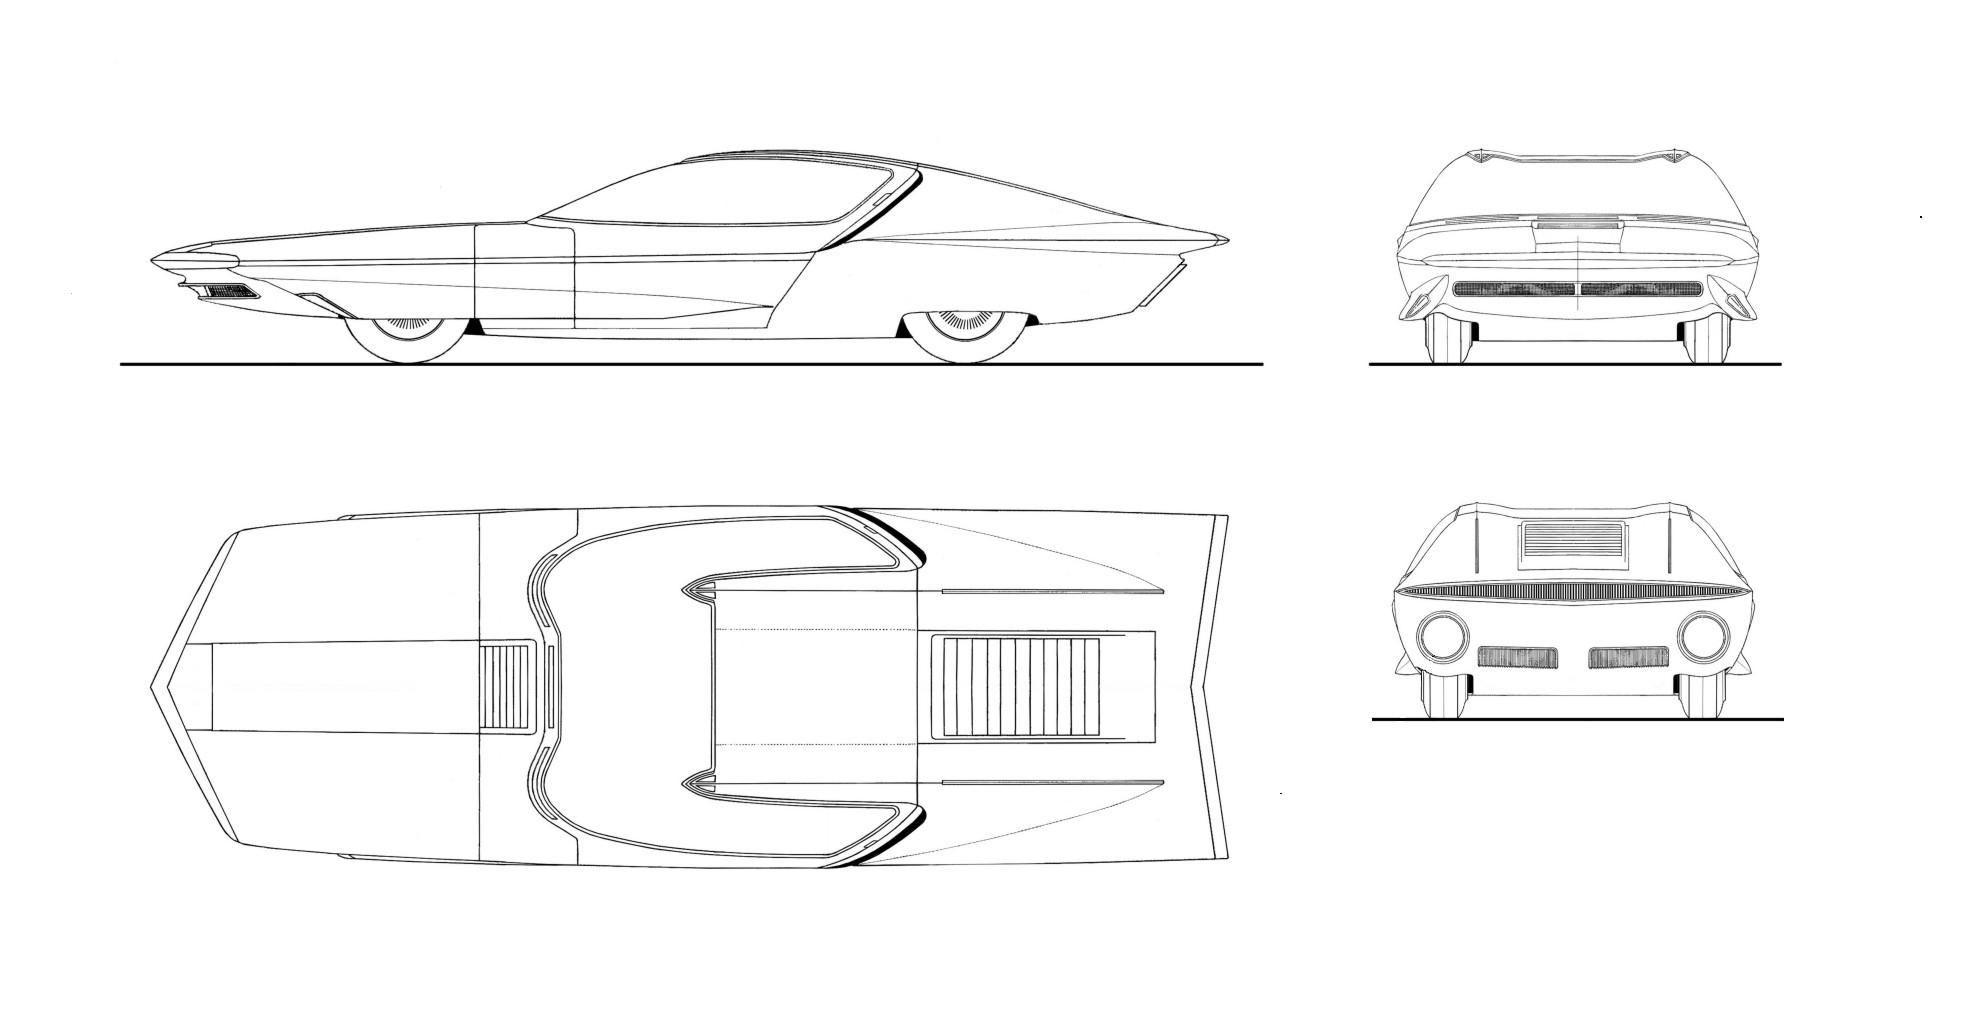 General Motors Firebird blueprint